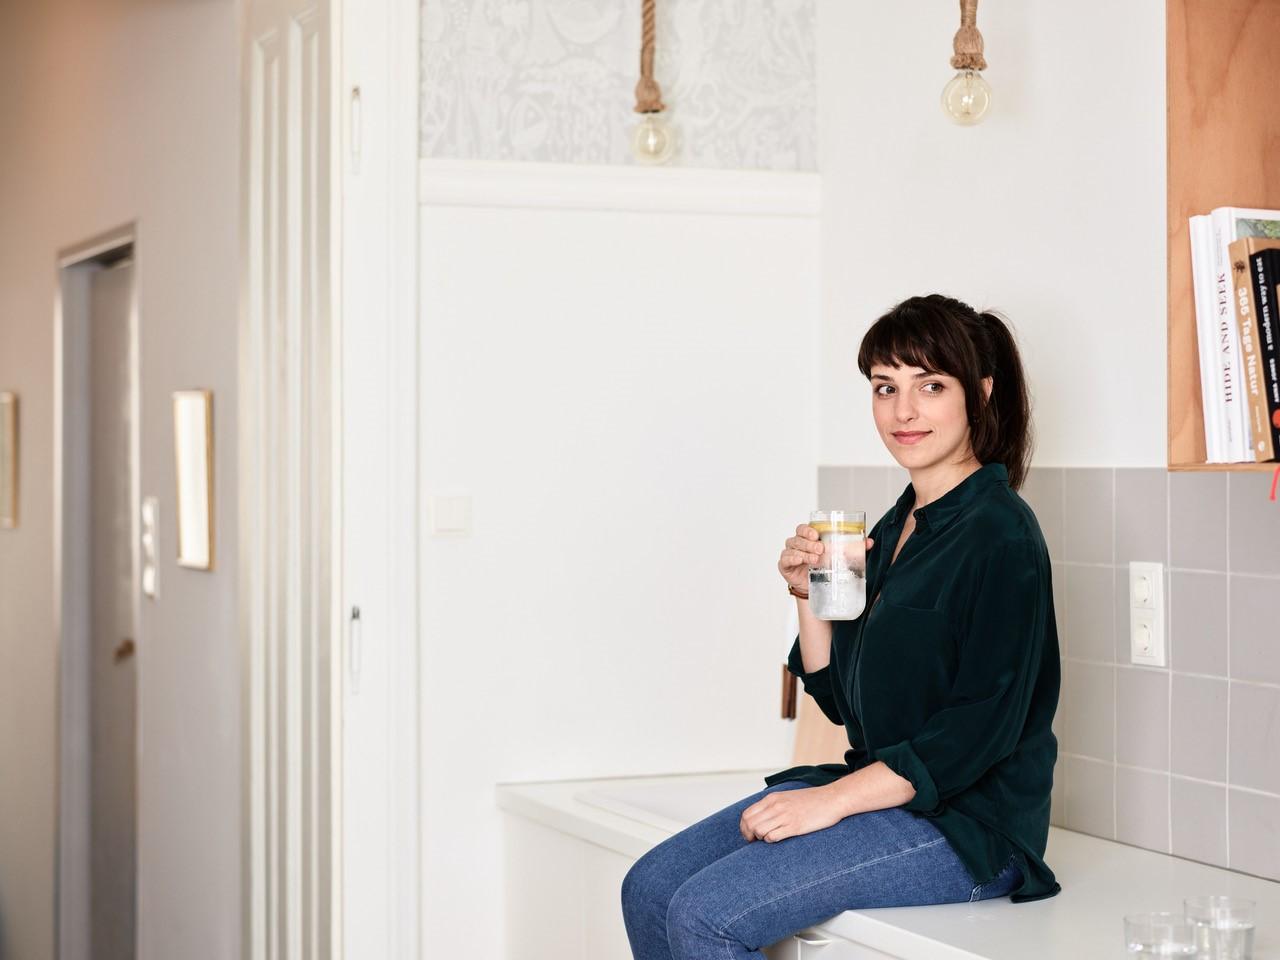 Kira mit Wasserglas